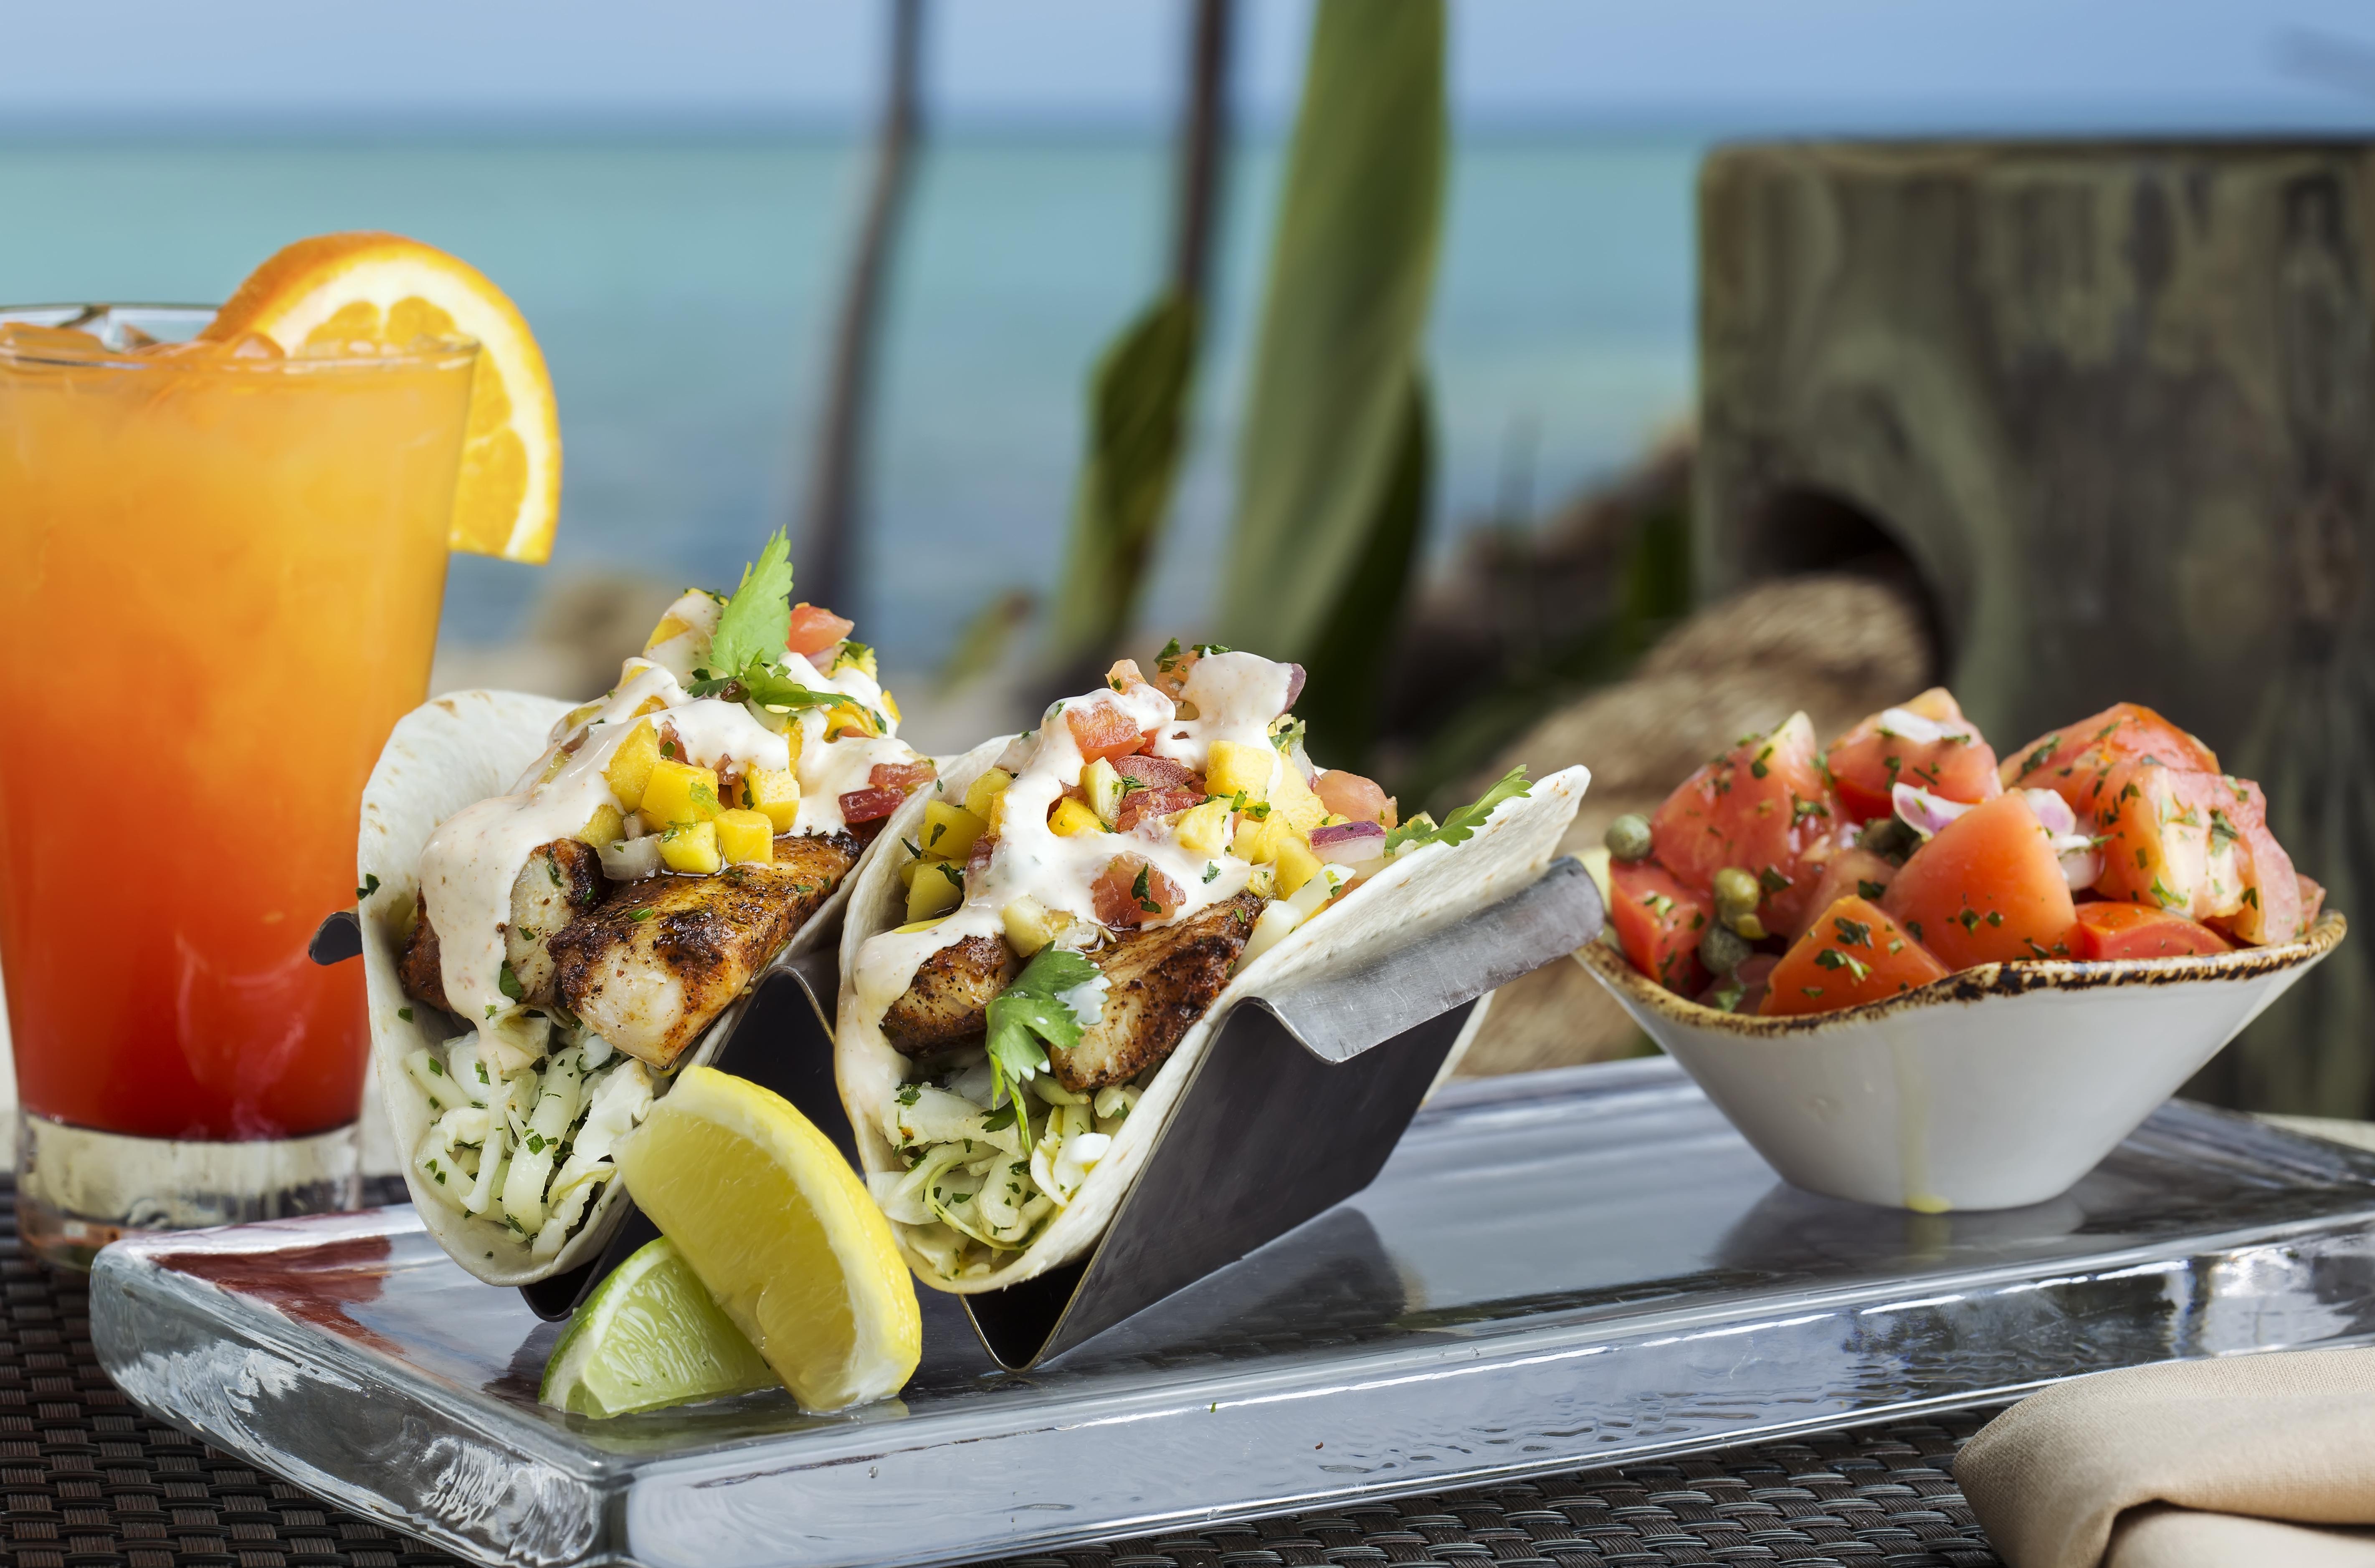 heeca_Tiki Bar_Food3_fish taco drink